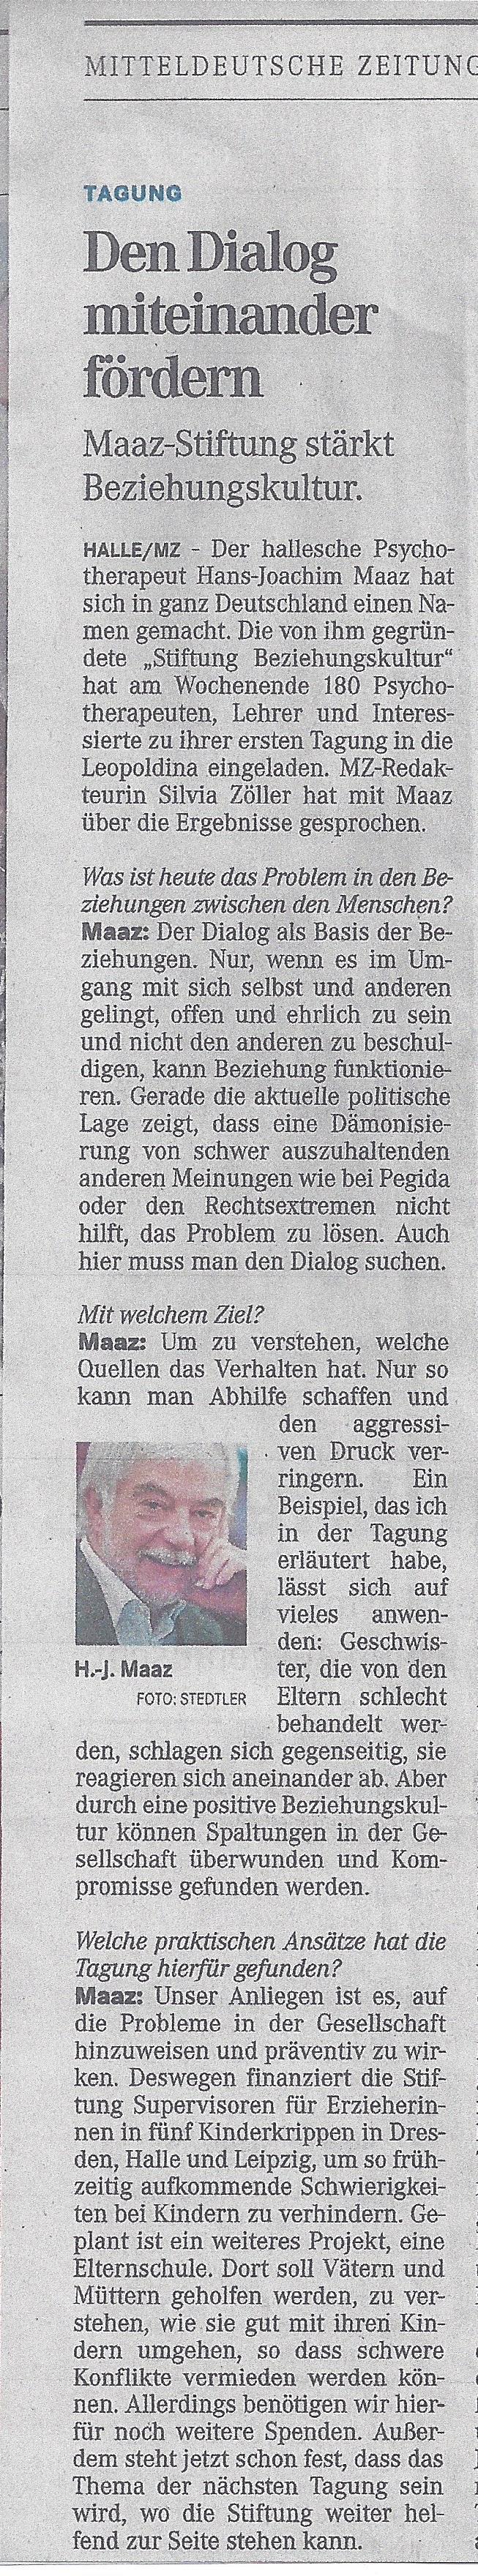 Mitteldeutsche zeitung sie sucht ihn